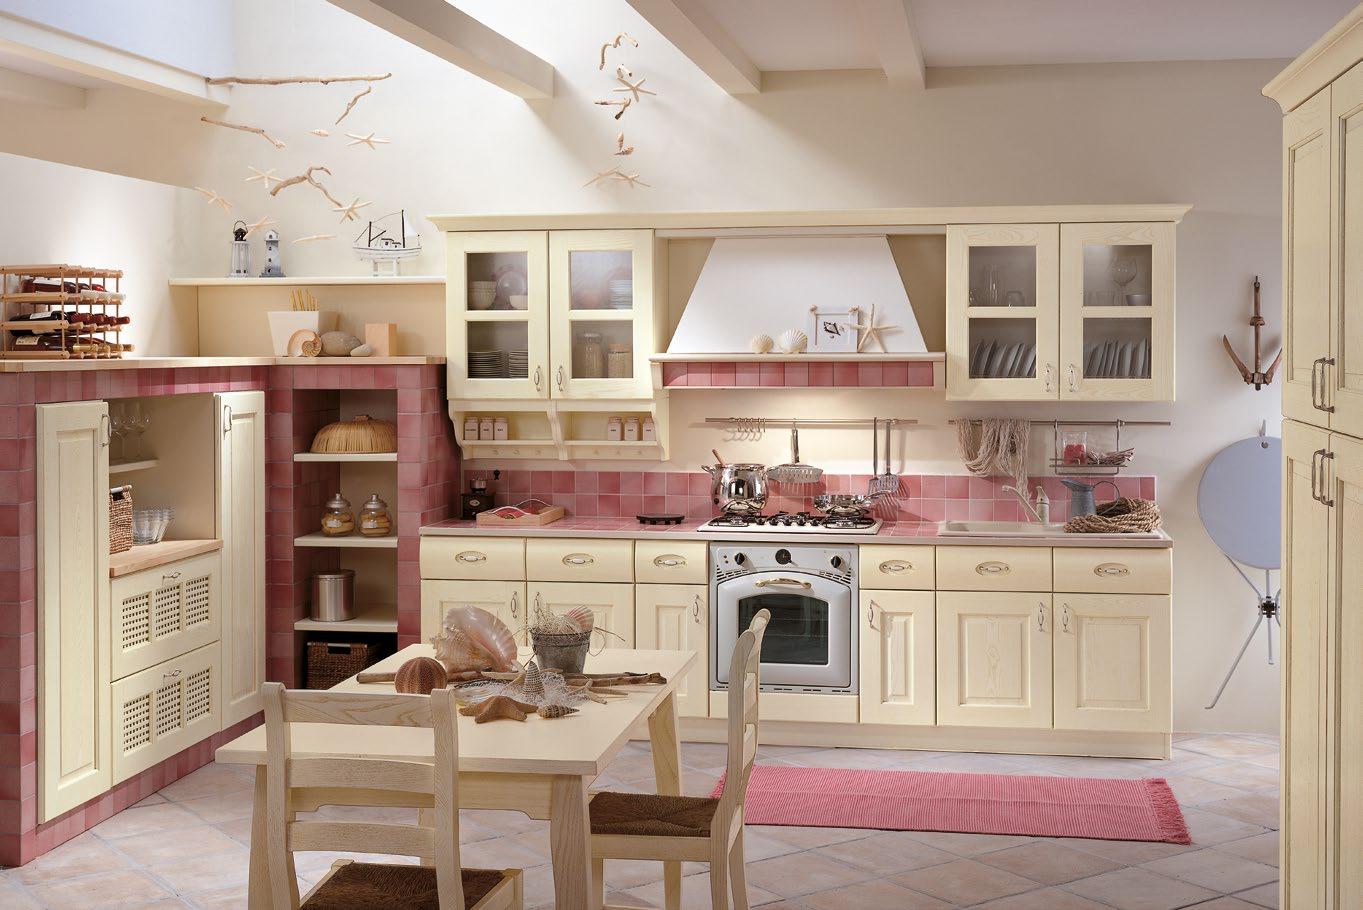 Κουζινα με παγκο πλακακια Valentina Μασίφ κουζίνα μπεζ